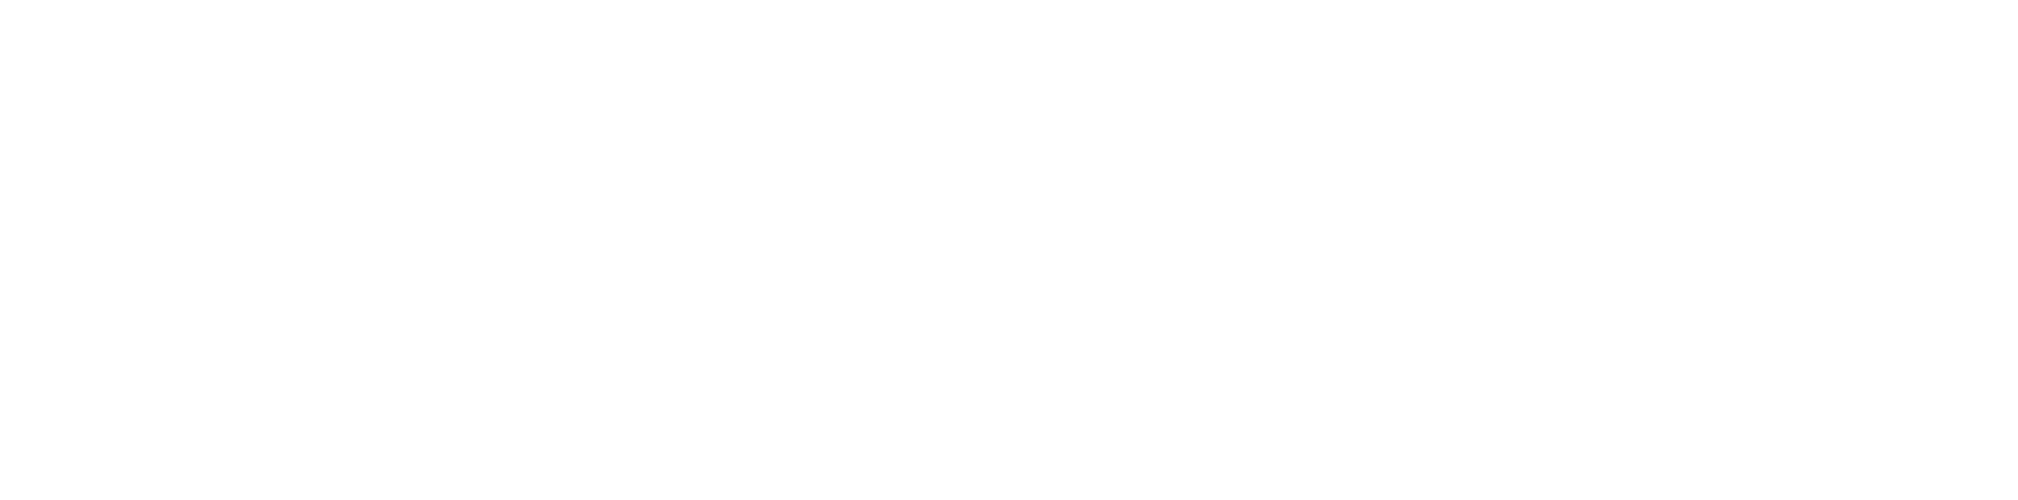 agriware oprogramowanie dla gospodarstw hodowli roślin